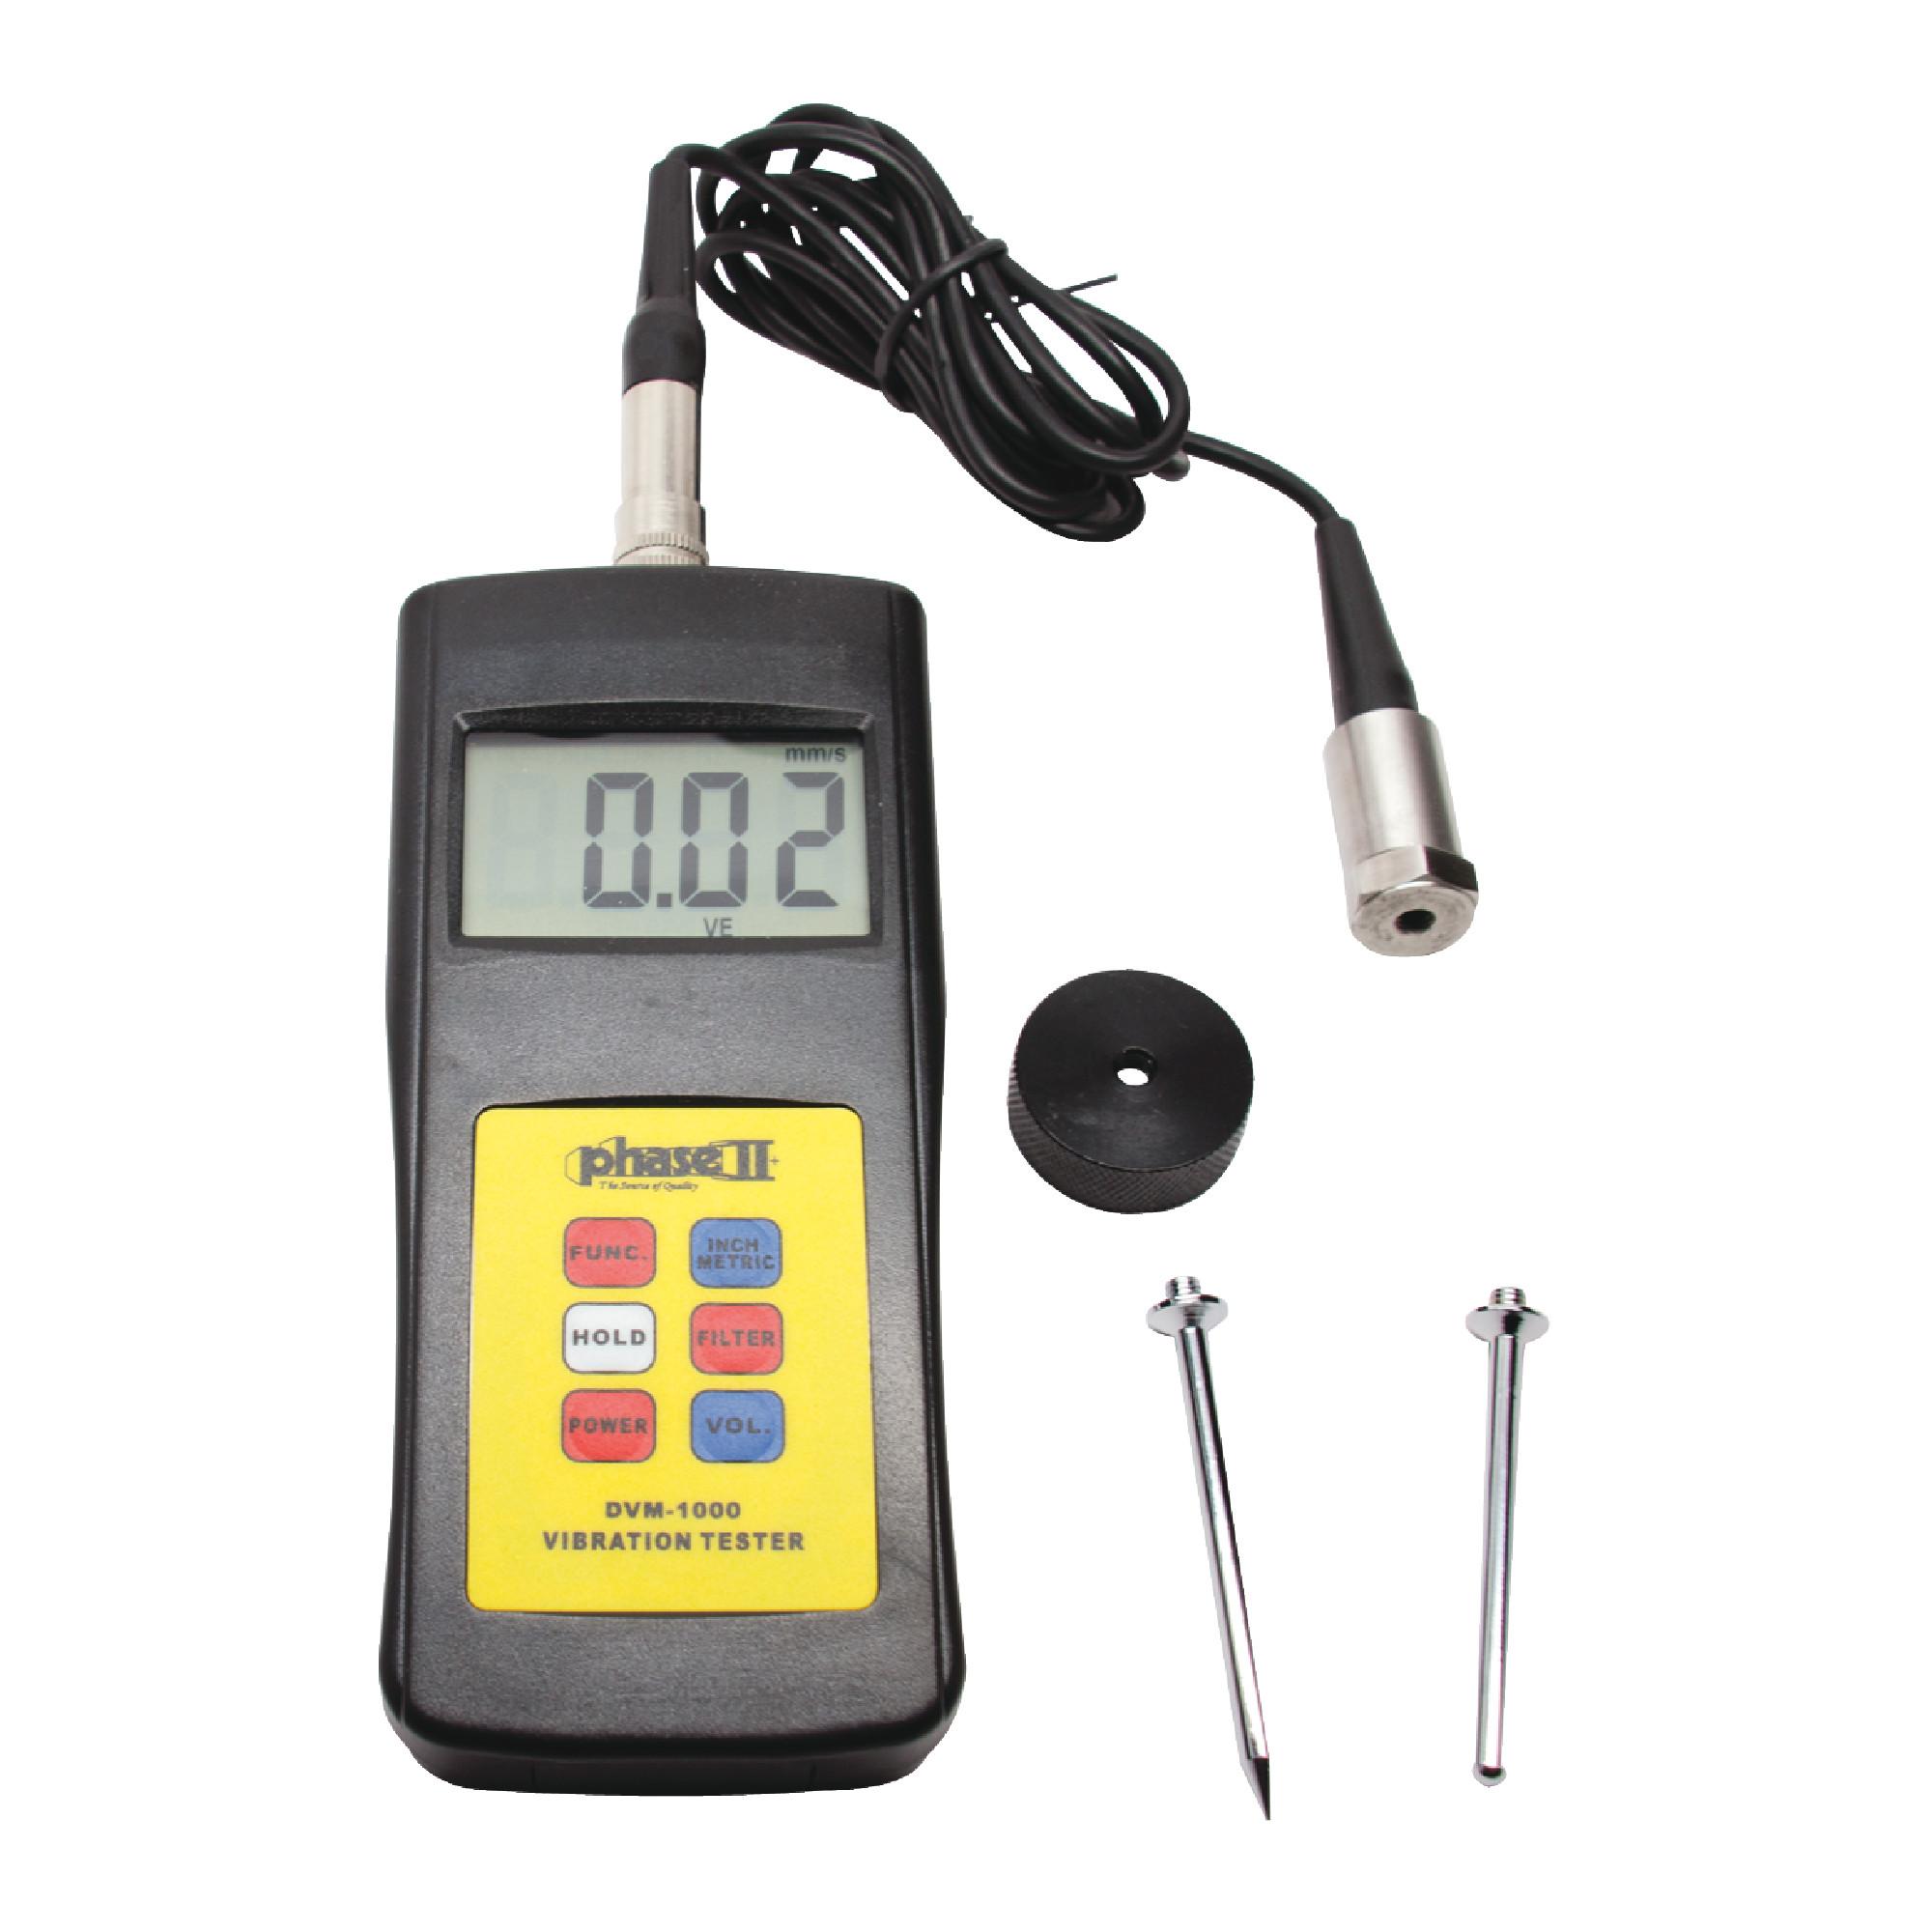 DVM1000 Digital Vibration Tester